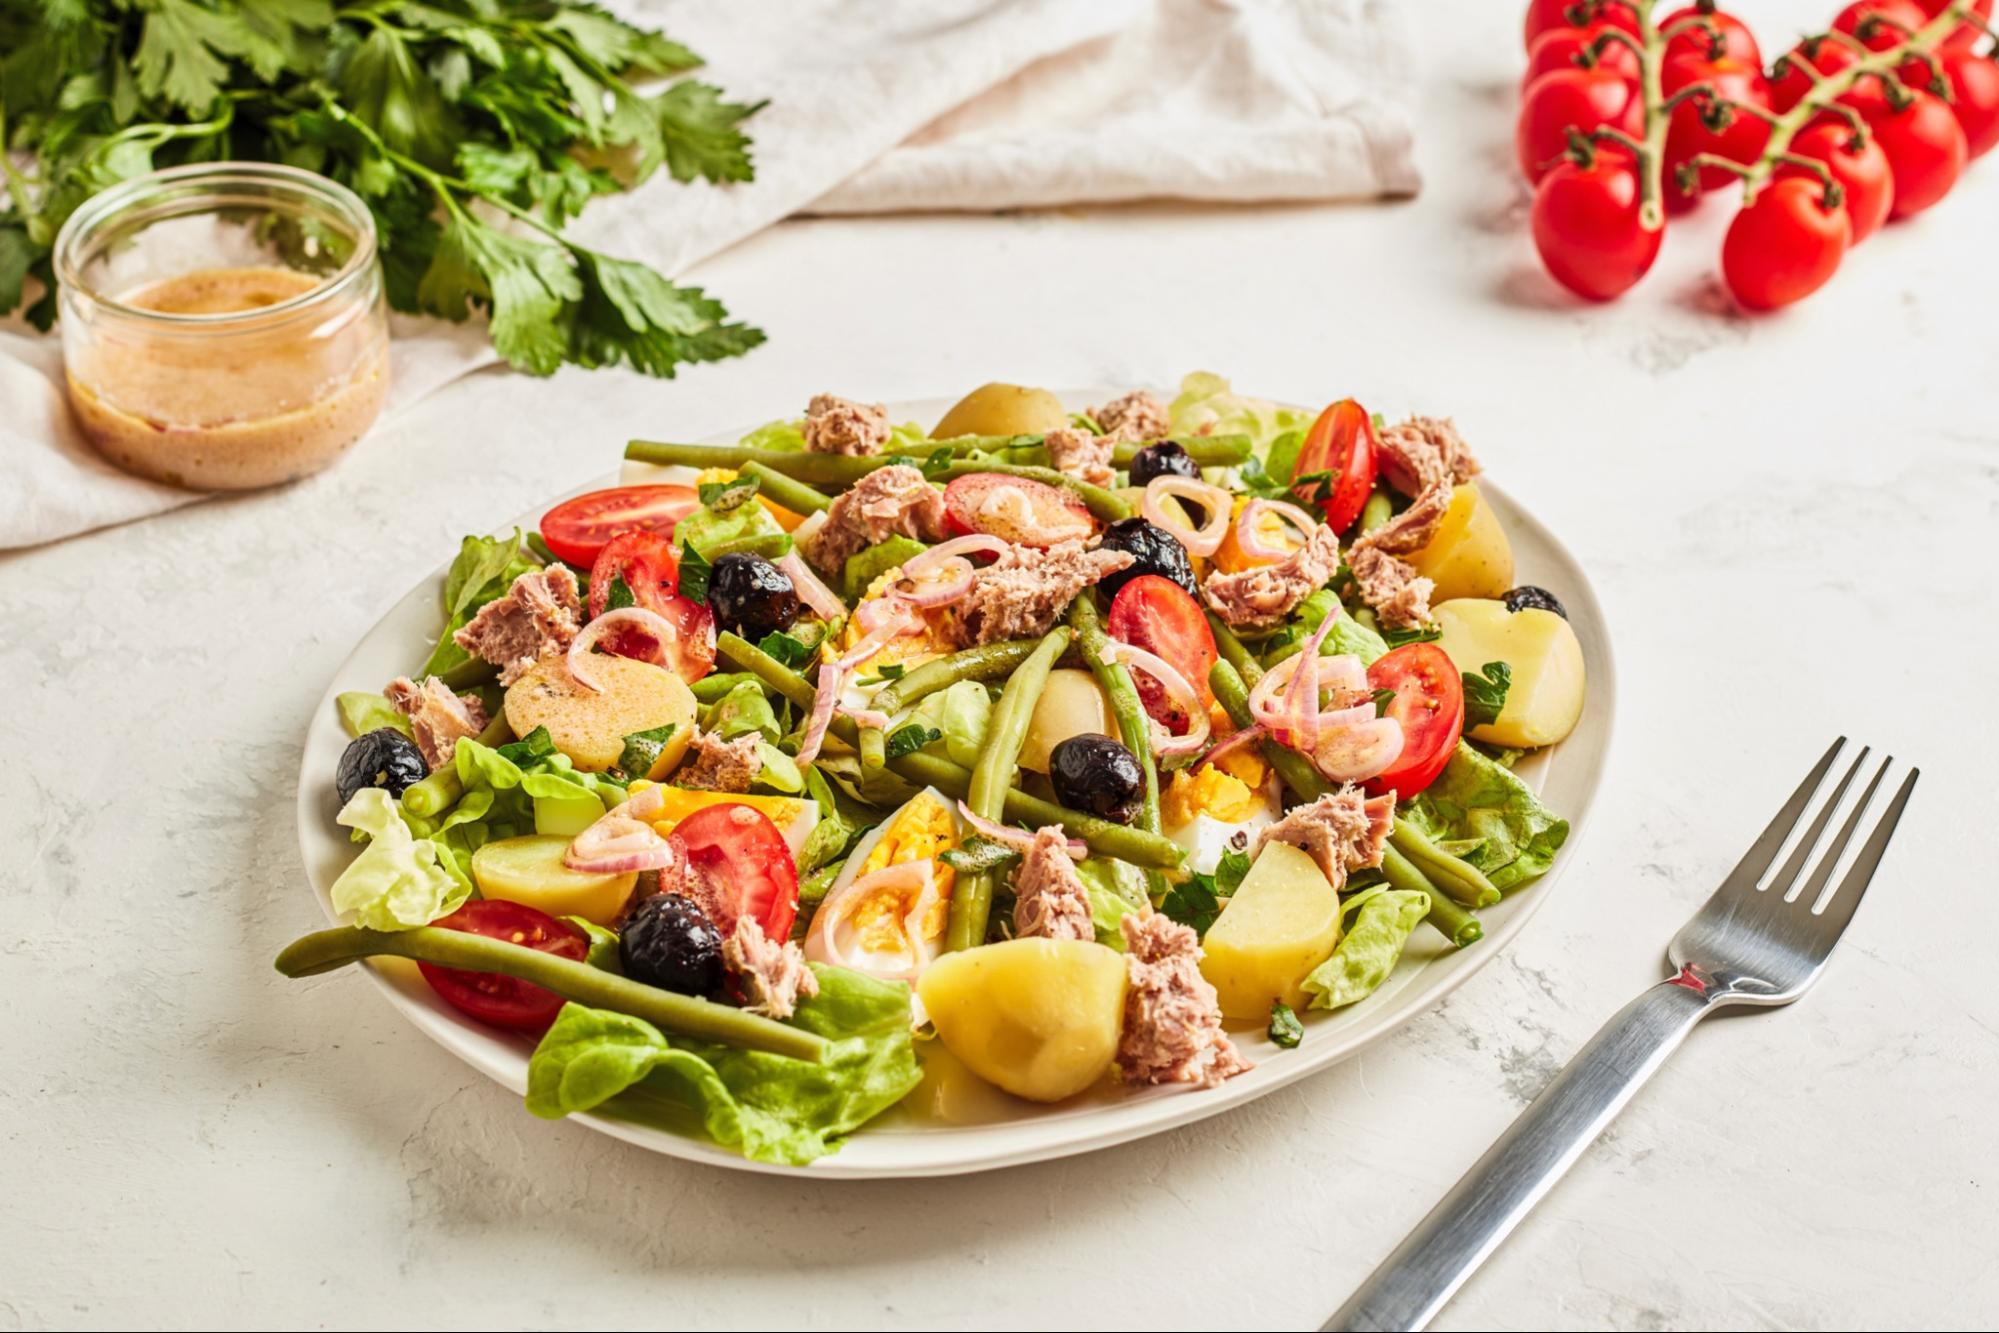 Salad Nicoise with Tuna, Potato and Egg (France)